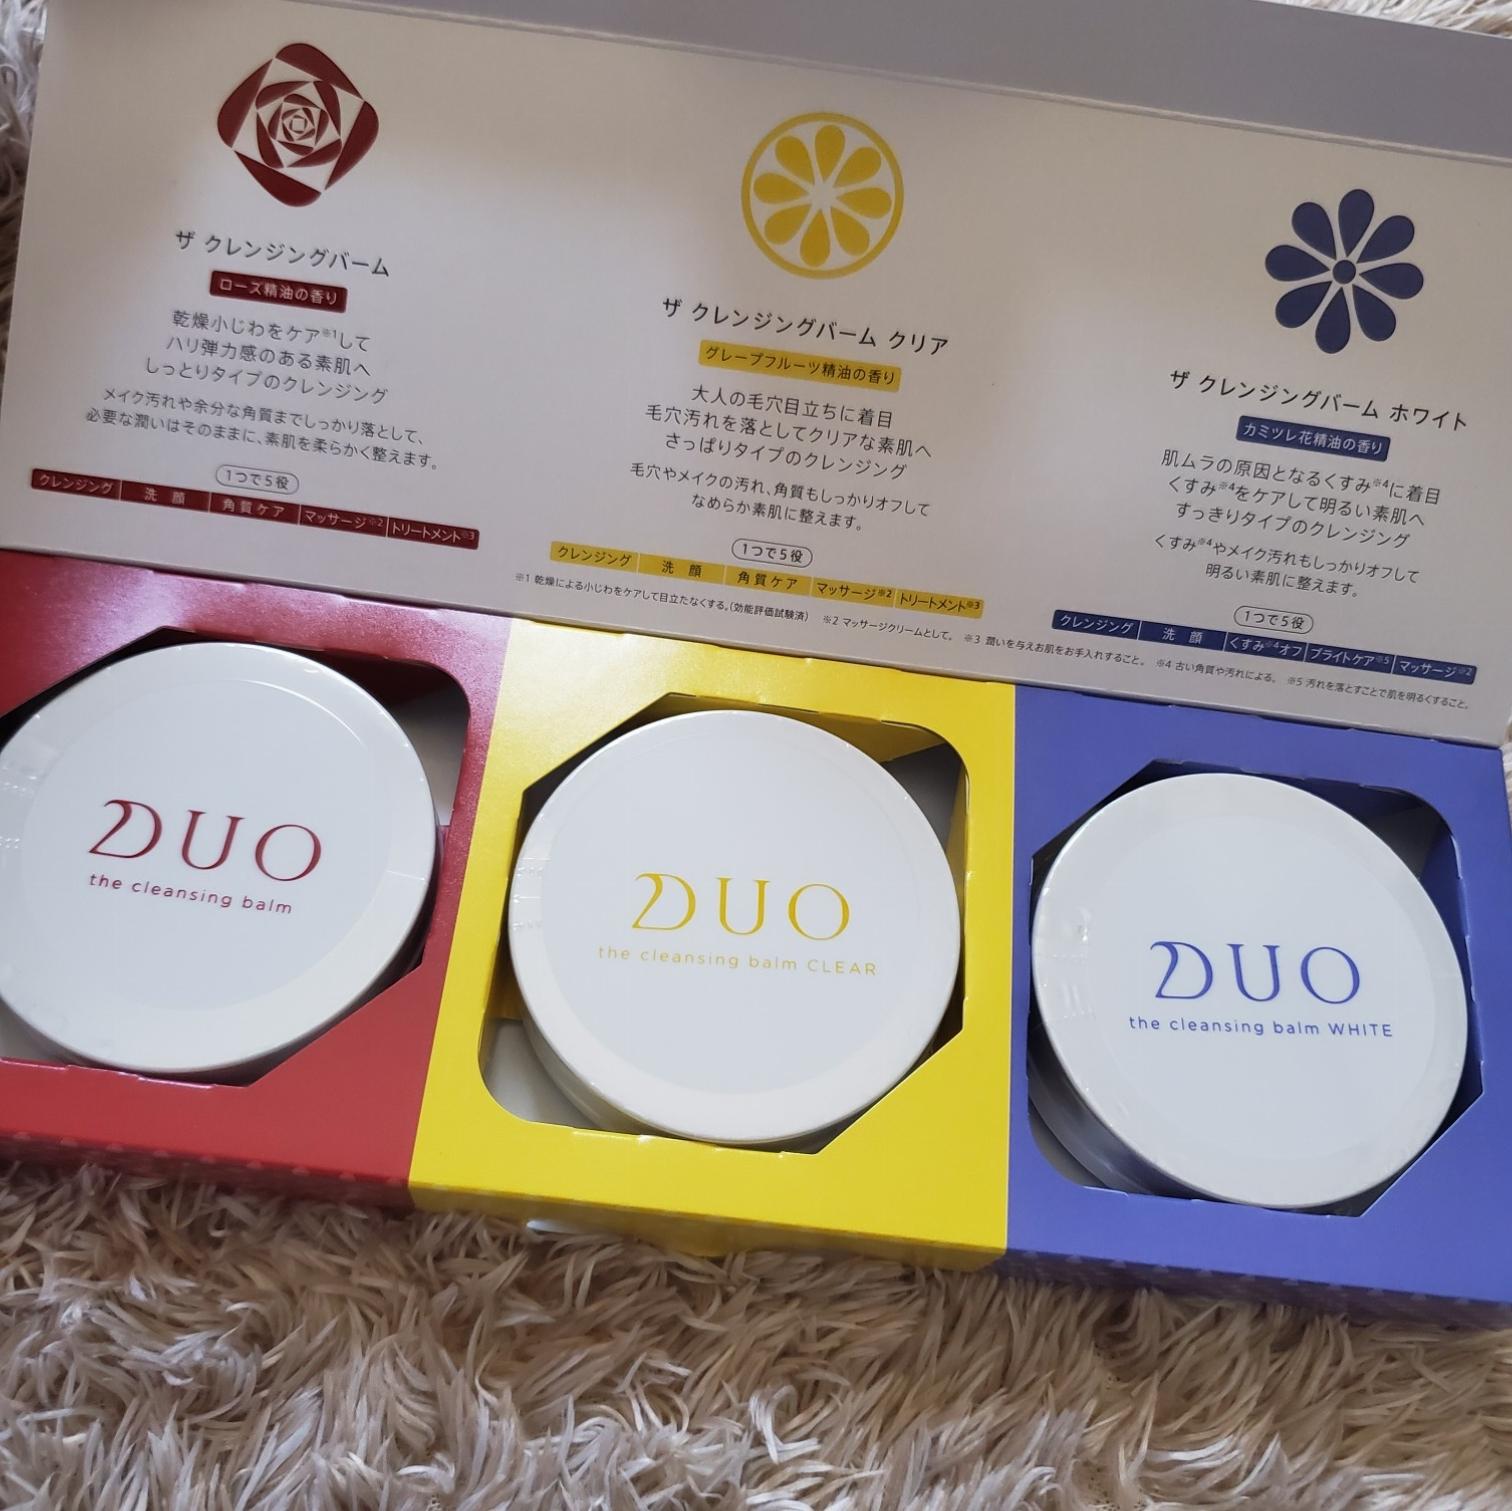 人気【DUO(デュオ)】クレンジングバームのトライアルサイズは今だけ!_1